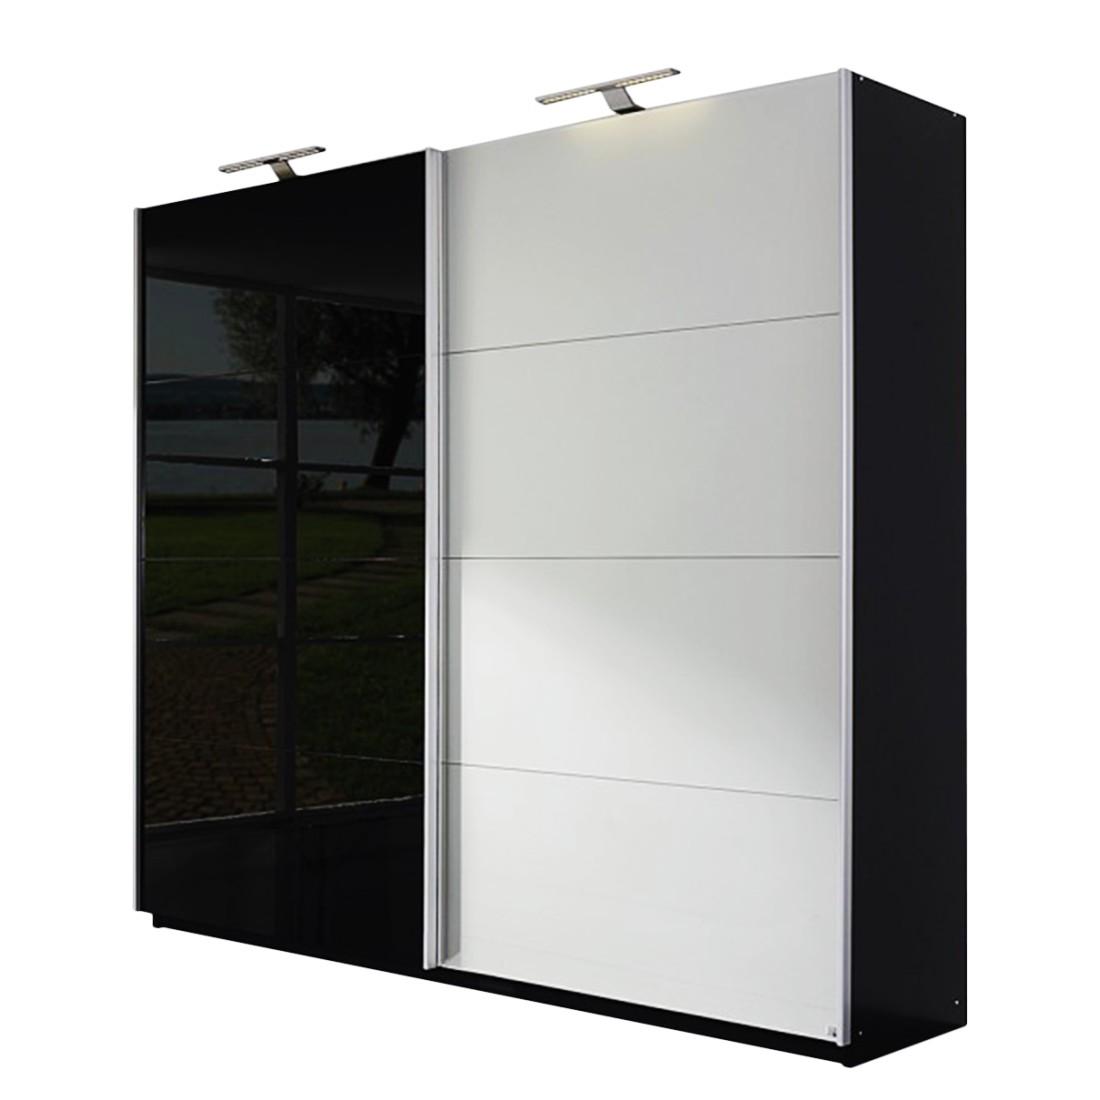 Schwebetürenschrank Beluga-Plus - Schwarz/Hochglanz Schwarz - Glas matt Silber - 315 cm (3-türig) - 223 cm, Rauch Select